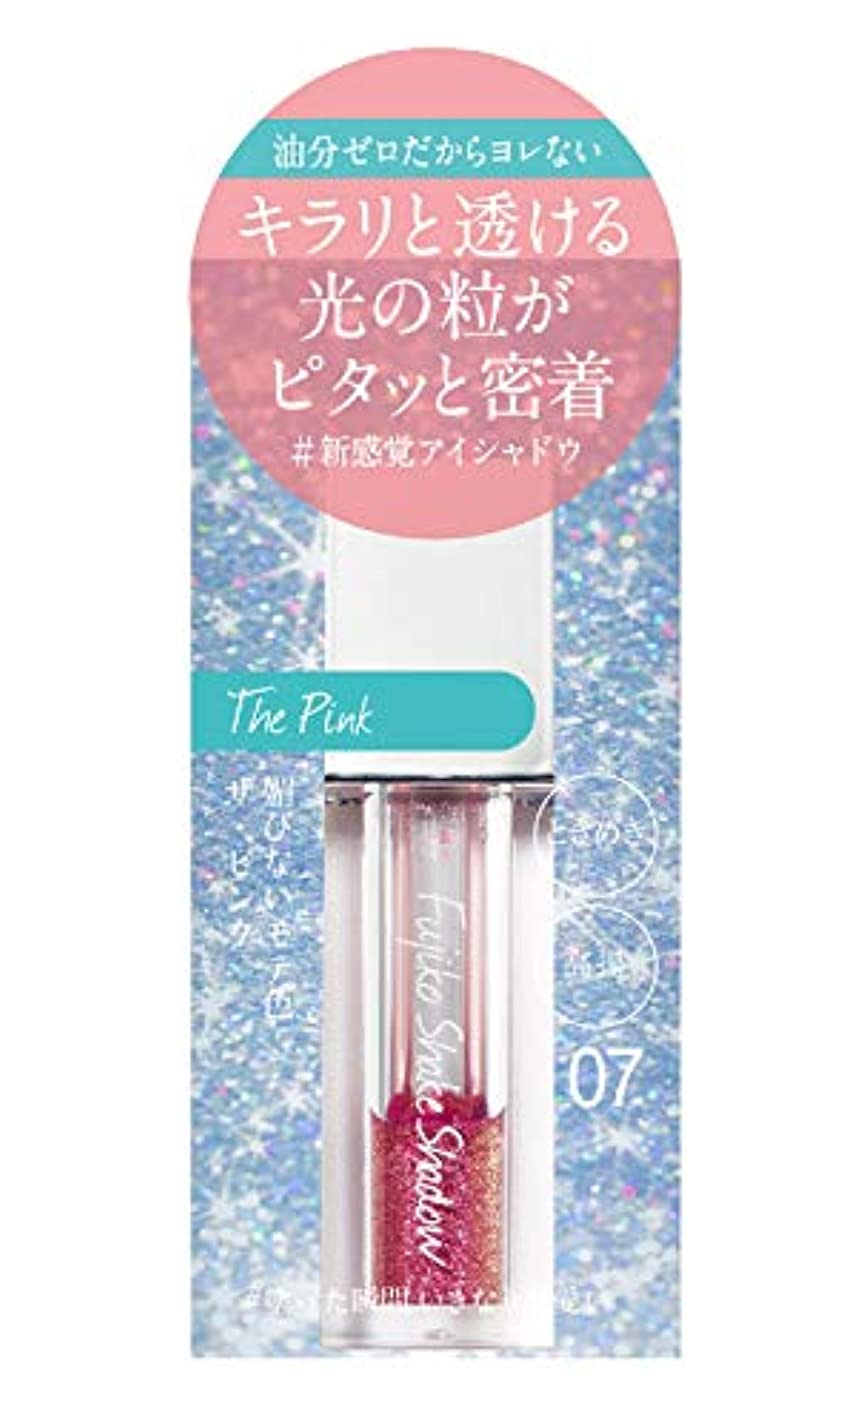 行そして作曲家Fujiko(フジコ) フジコ シェイクシャドウ 07 THE ピンク 5g アイシャドウ THEピンク